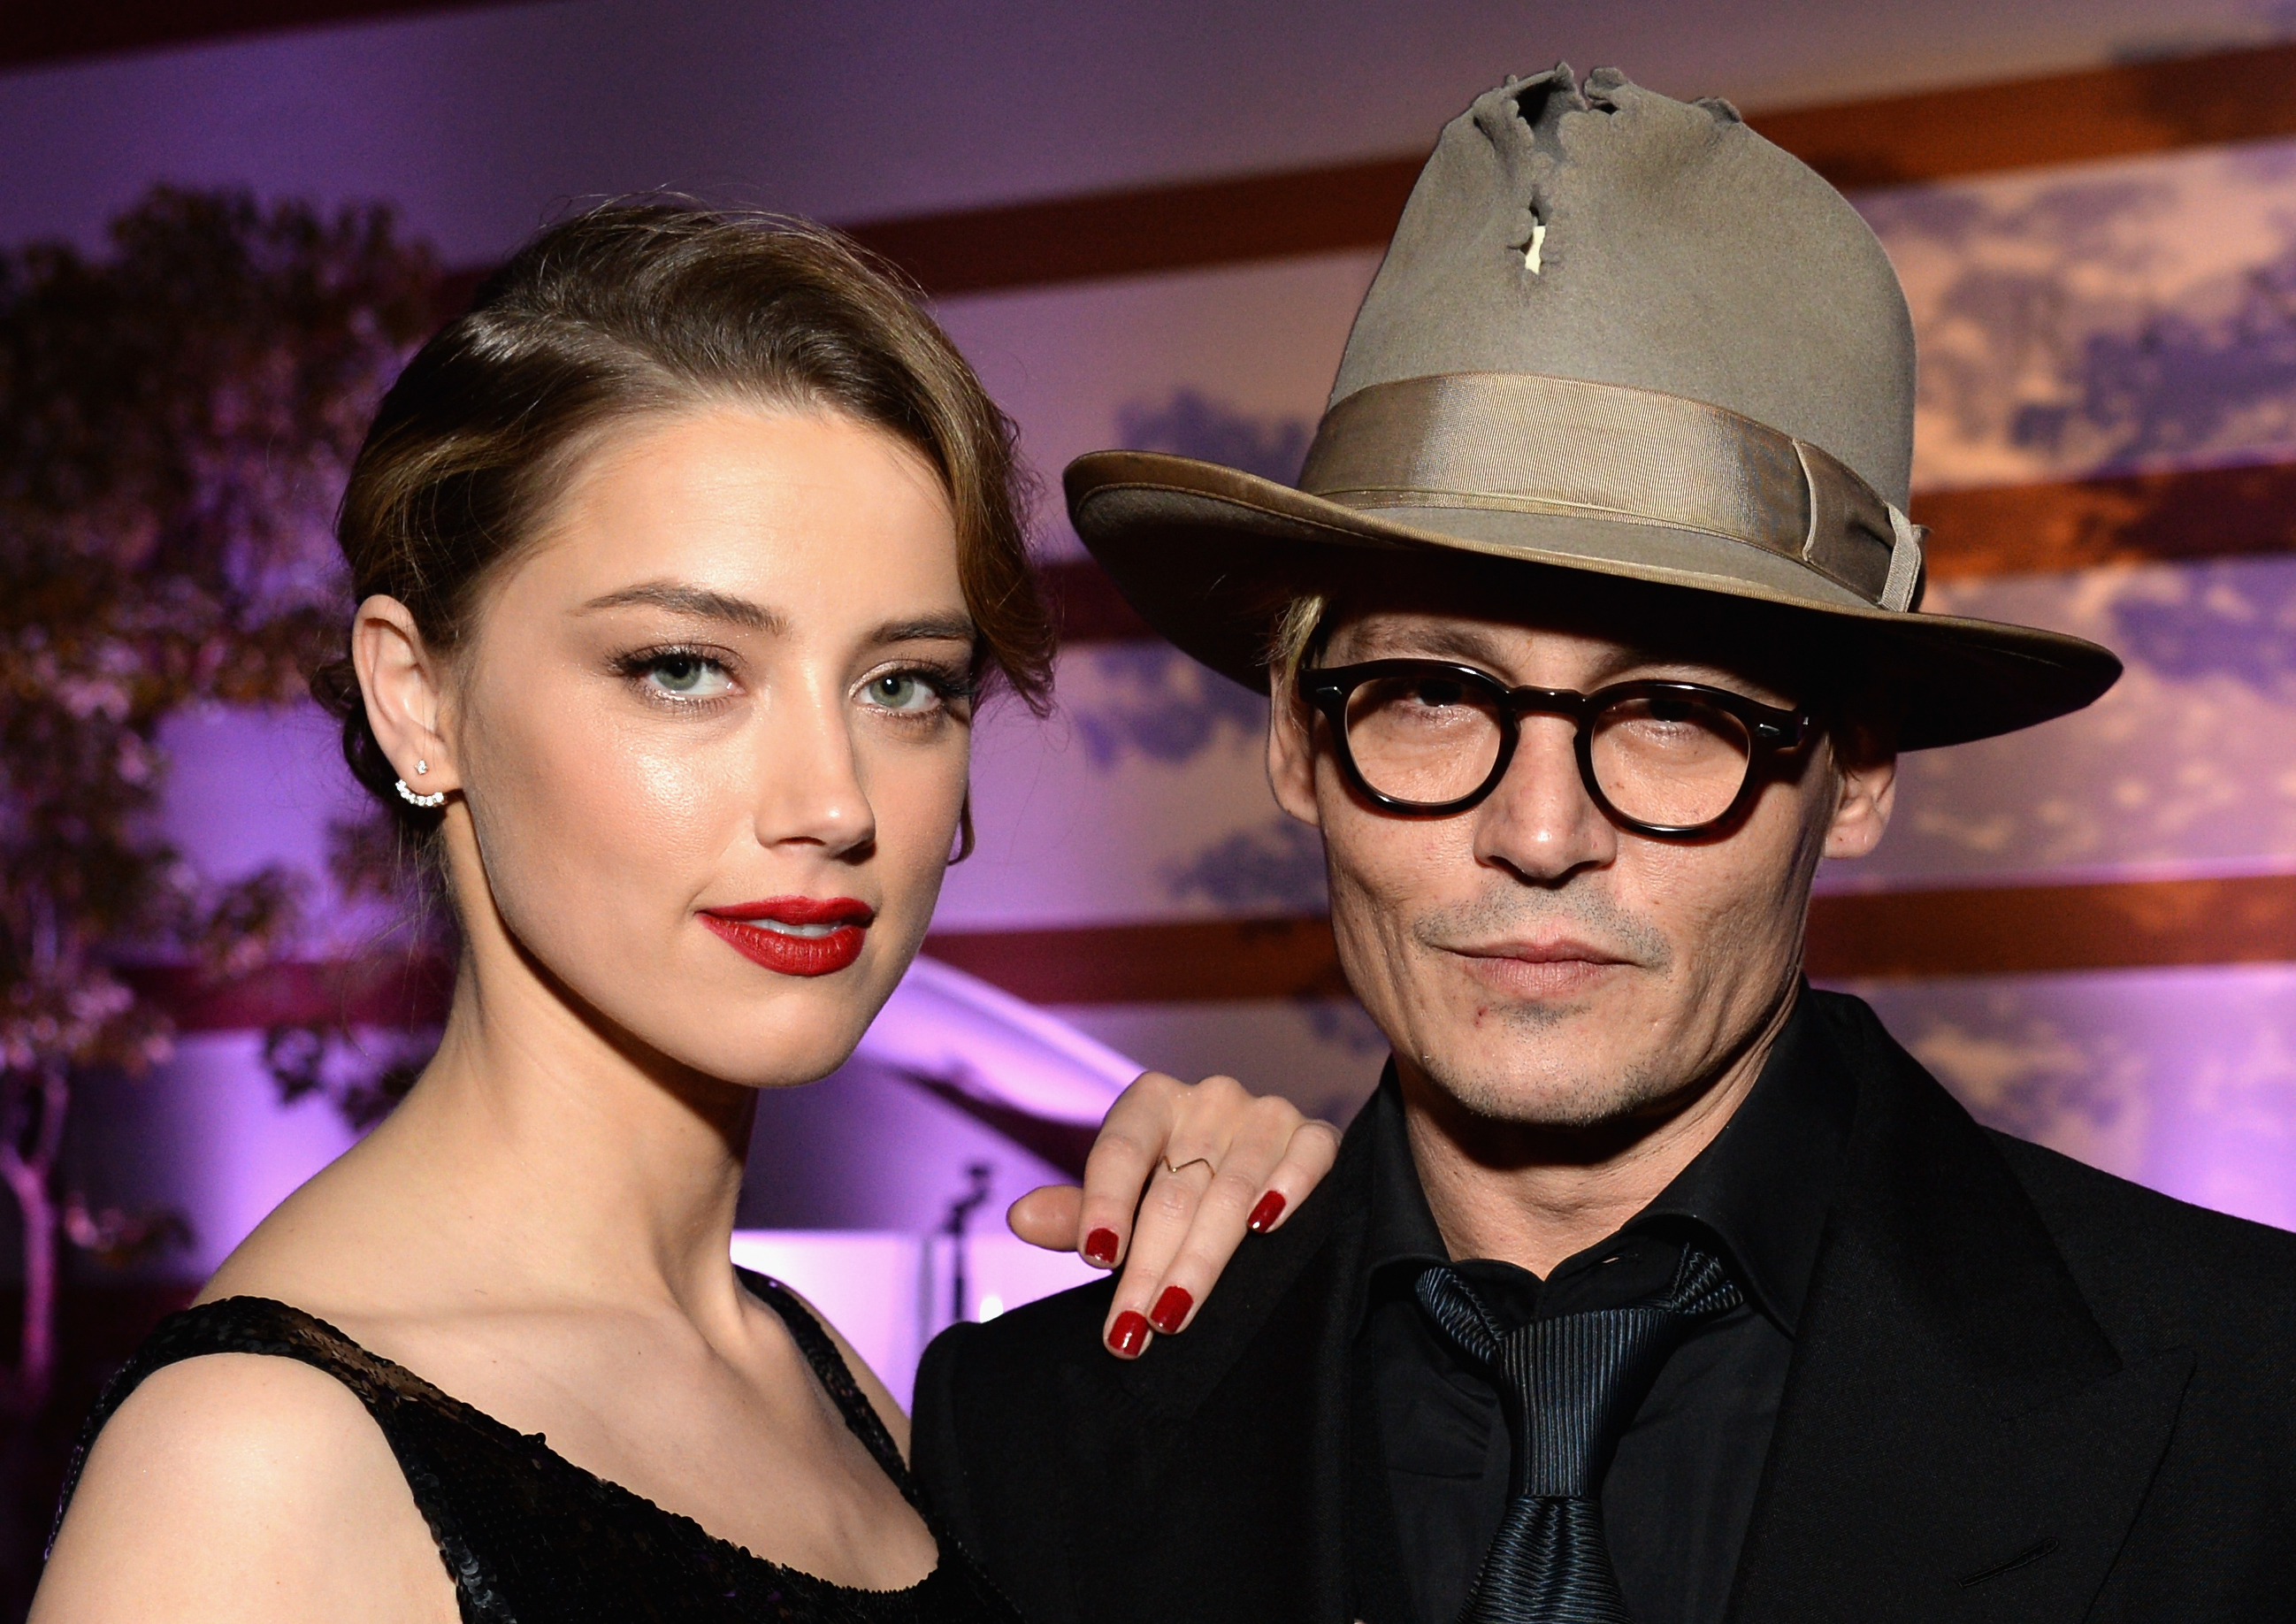 Y en la sección Fíjate Paty: Johnny Depp dice que su ex esposa Amber Heard lo engañó con Elon Musk